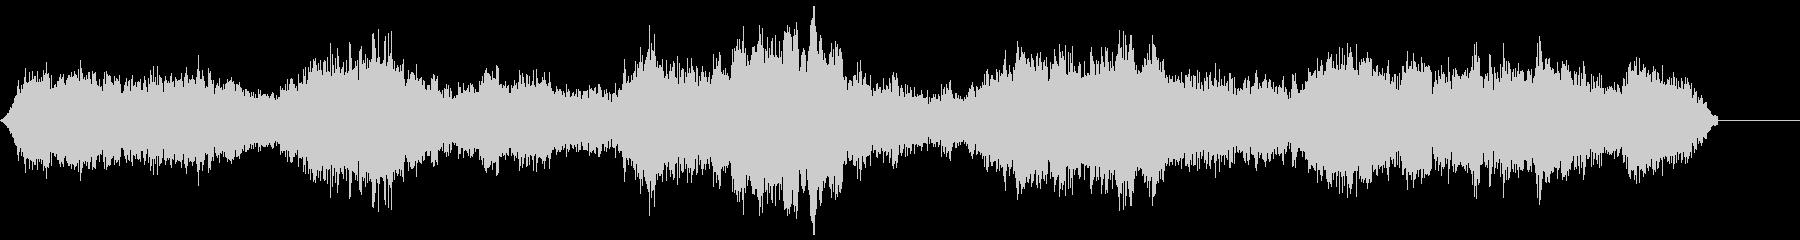 ゾンビ(グループ)うめき声3の未再生の波形